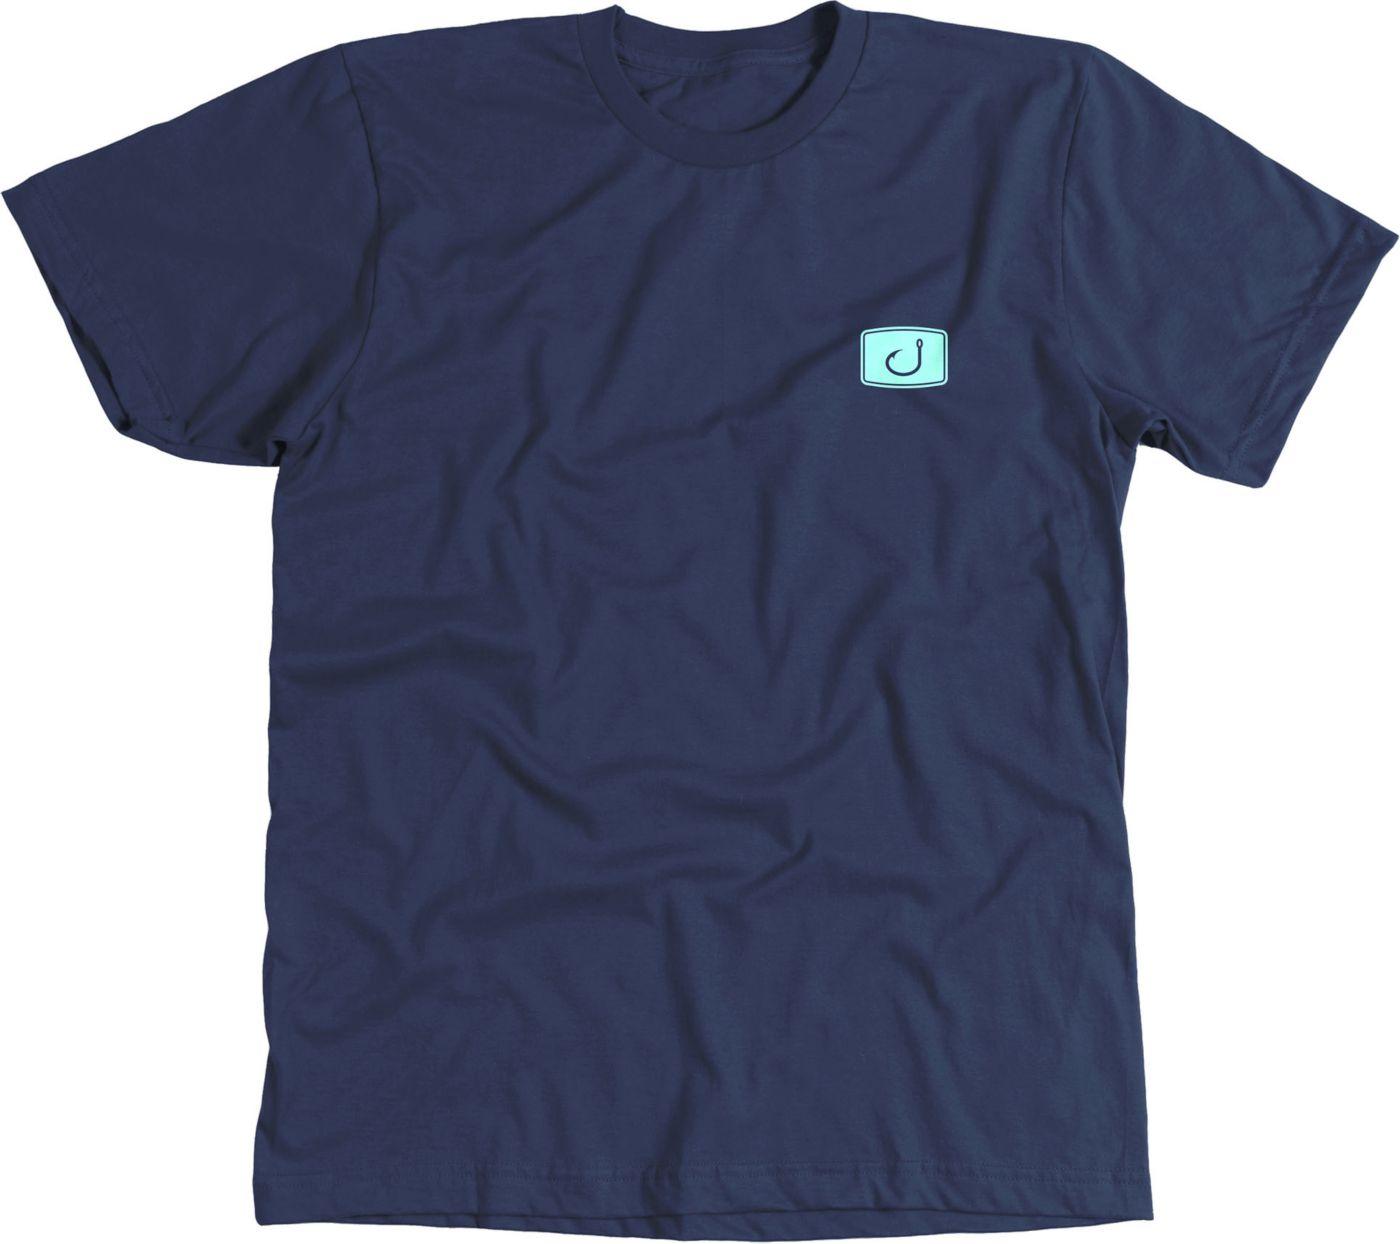 AVID Men's All Waters T-Shirt